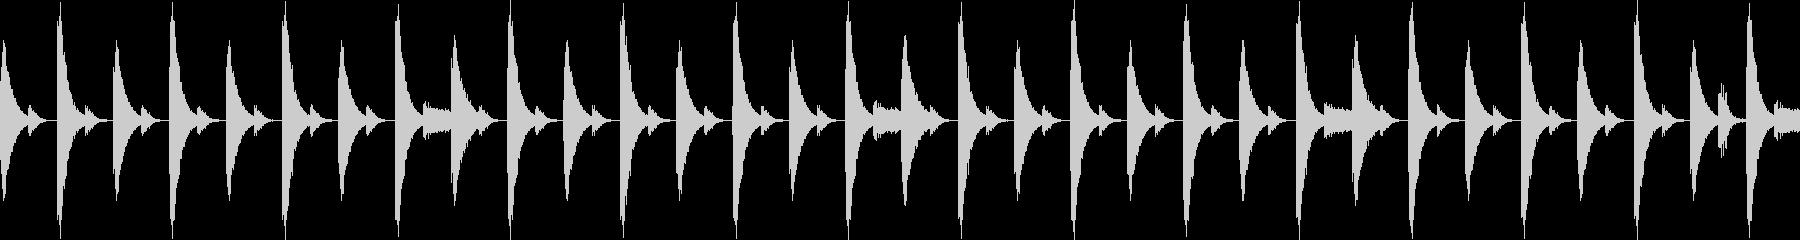 808音源を使用したシンプルなリズム02の未再生の波形